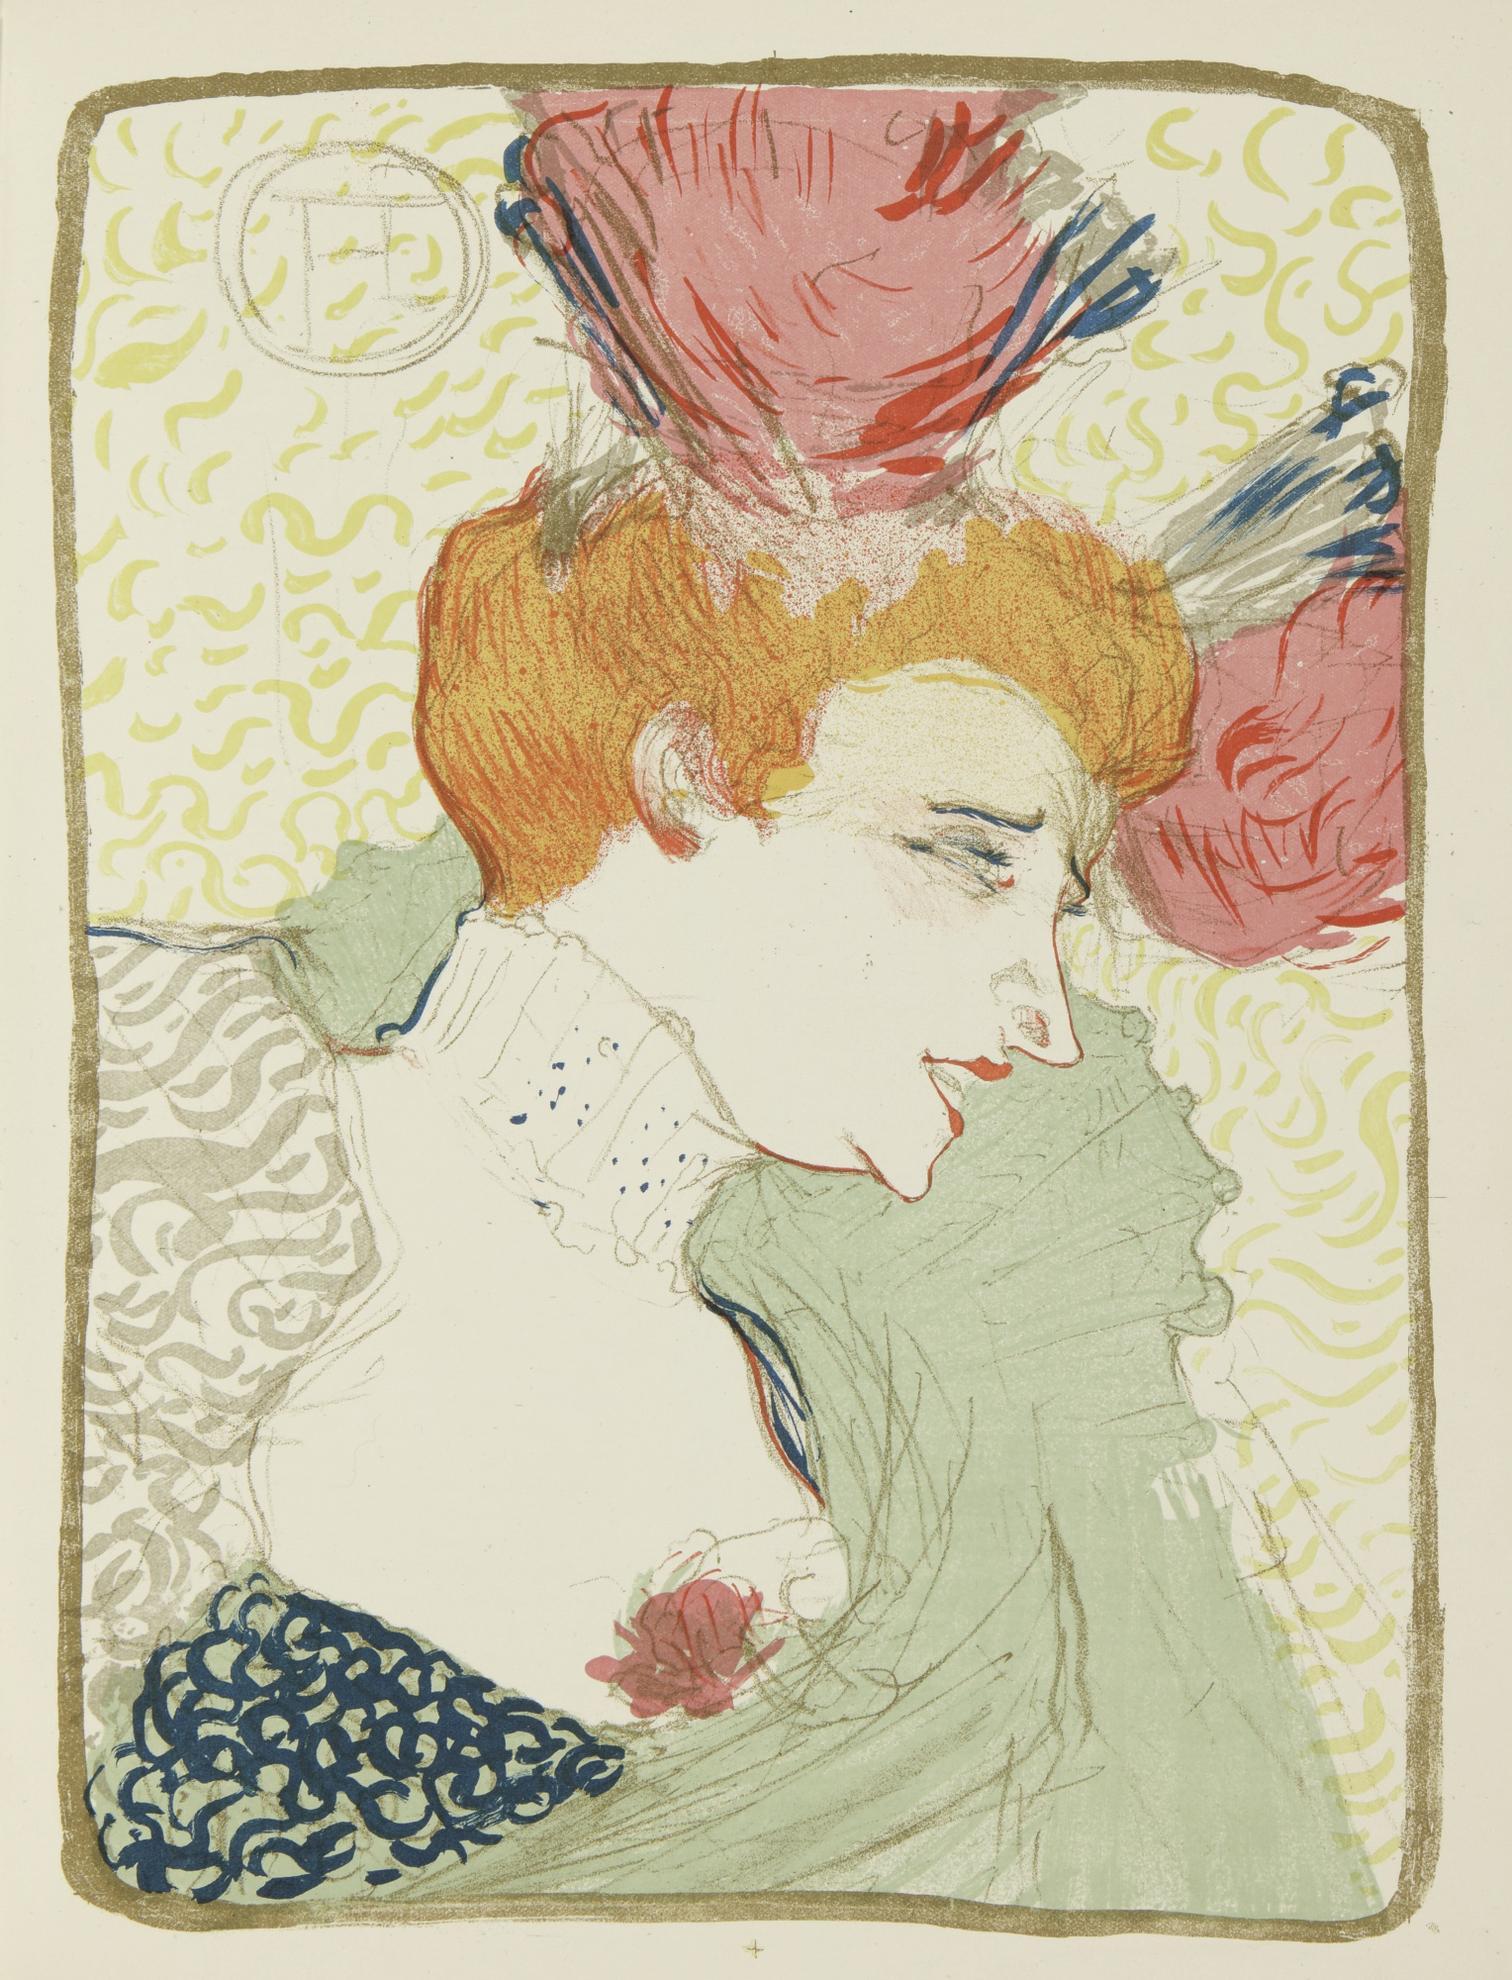 Henri de Toulouse-Lautrec-Mademoiselle Marcelle Lender, En Buste (Delteil 10; Adriani 1152; Wittrock 99)-1895